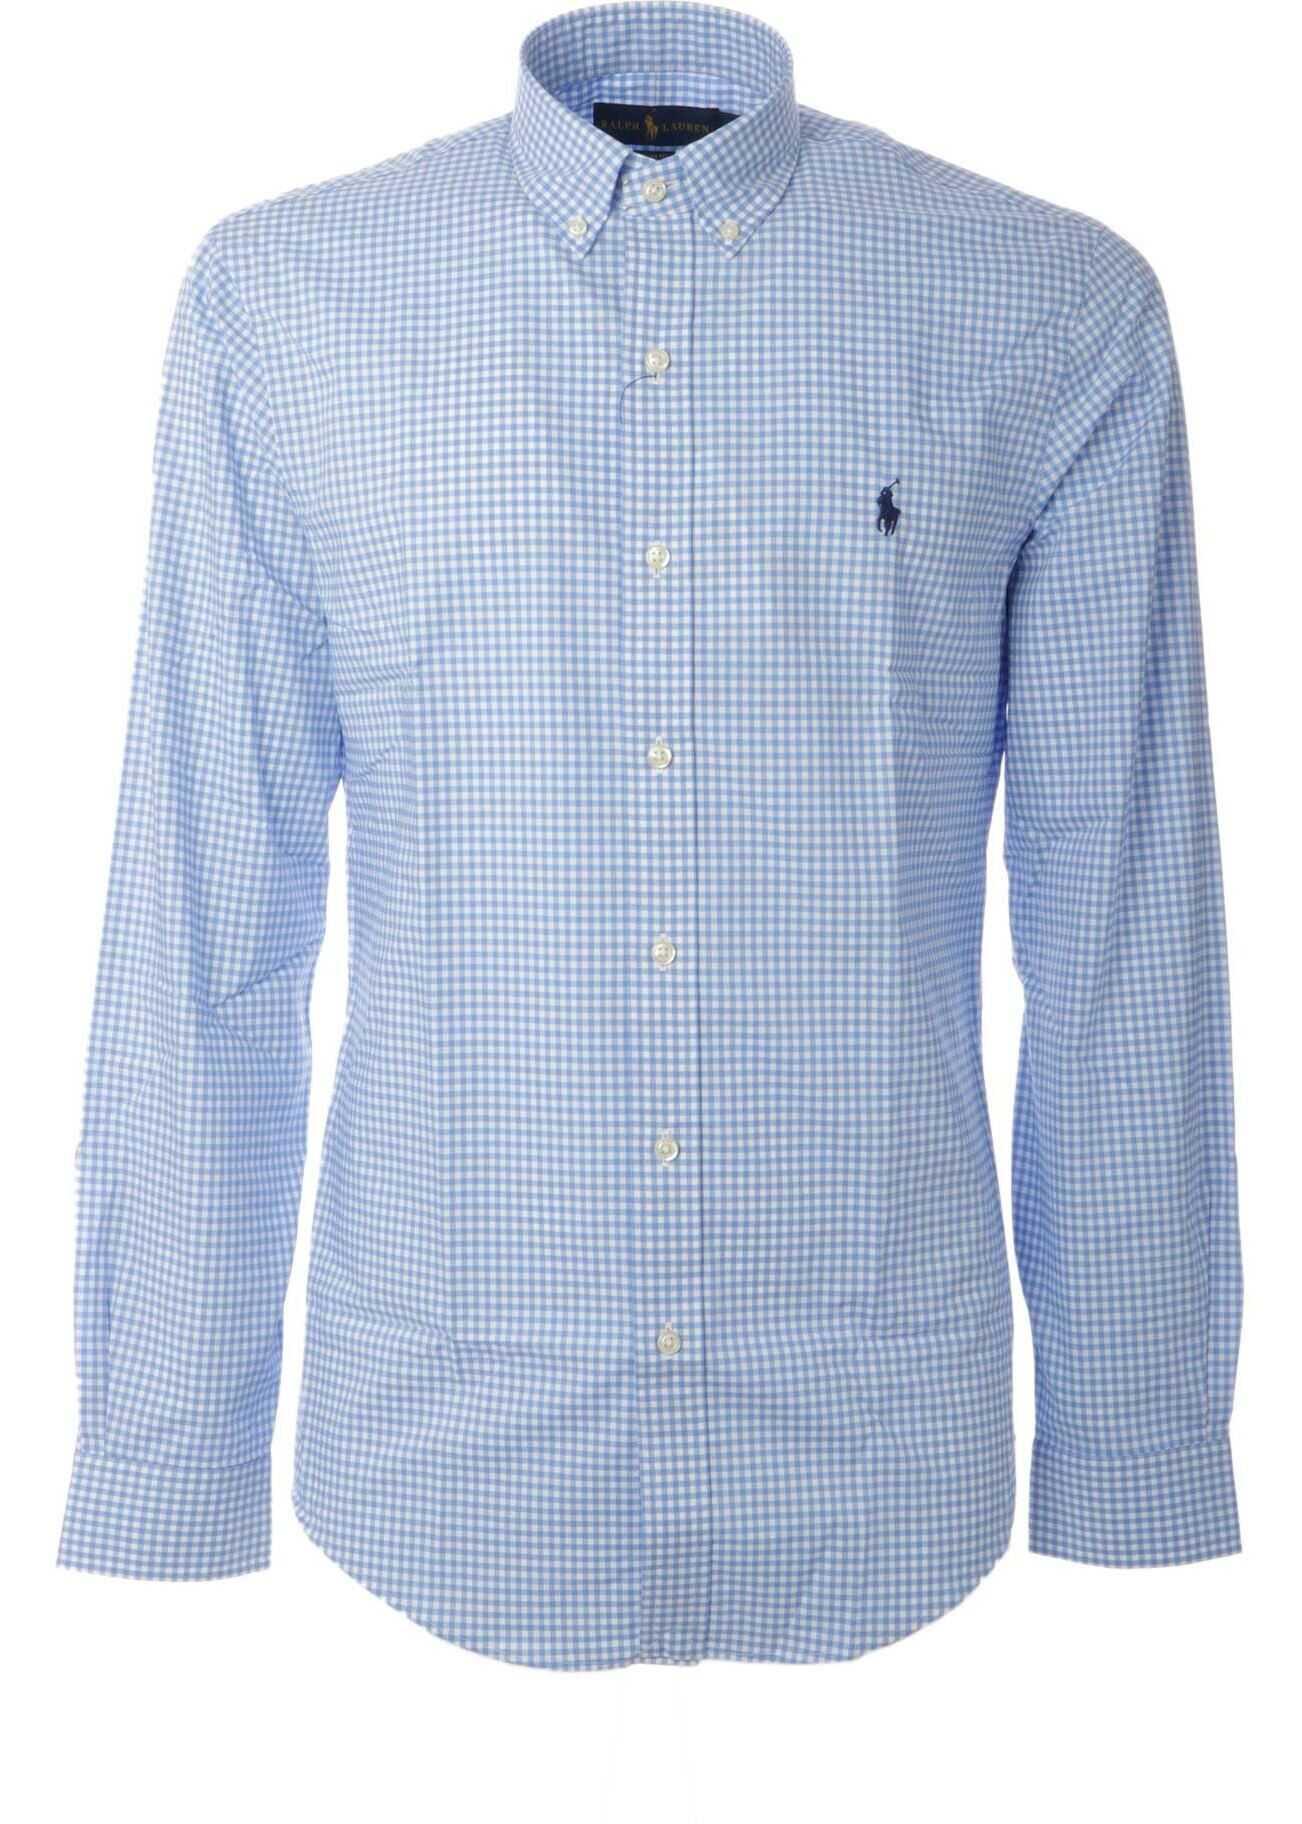 Ralph Lauren Checked Shirt In Light Blue And White Light Blue imagine